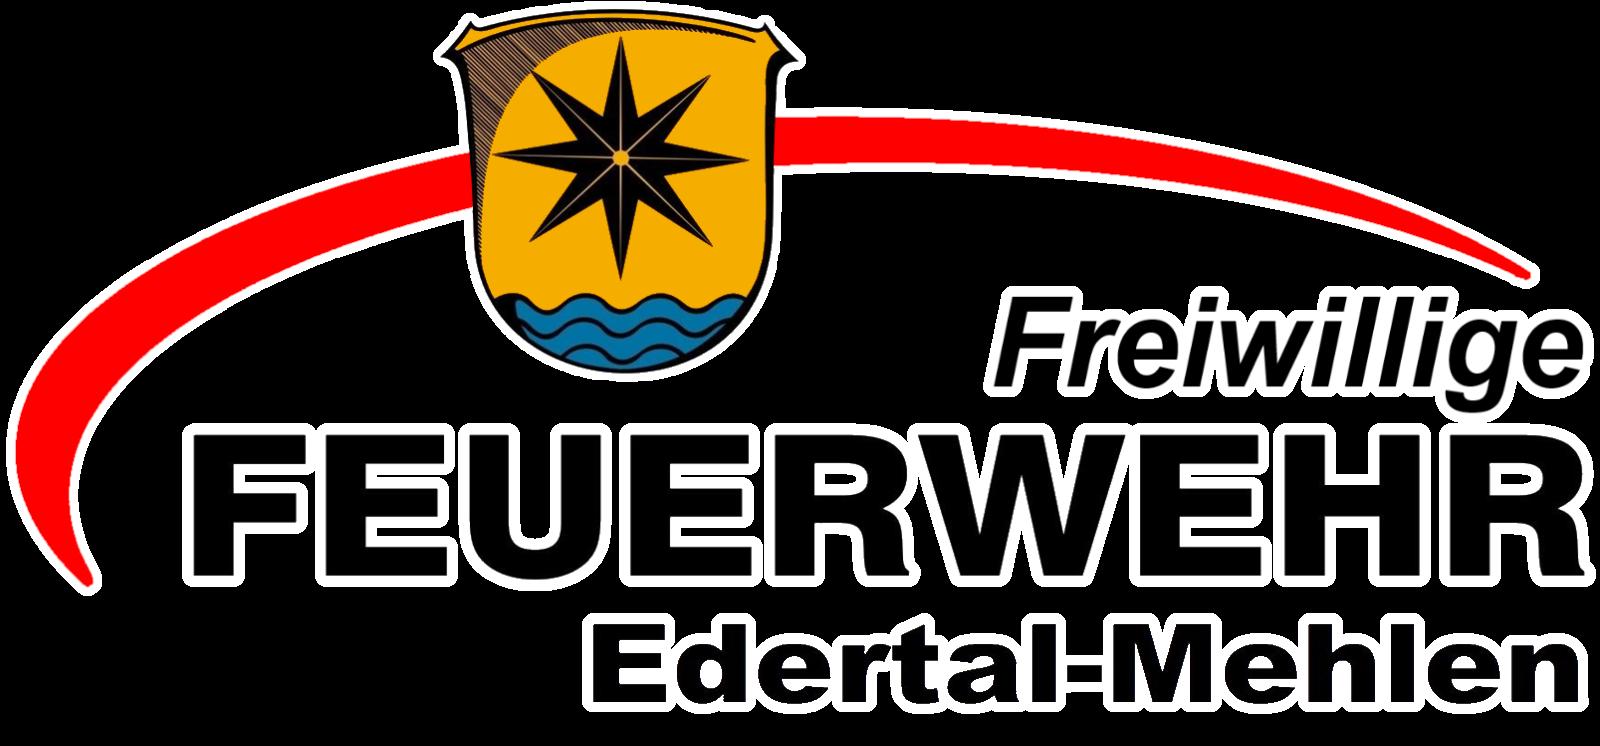 Feuerwehr Edertal-Mehlen